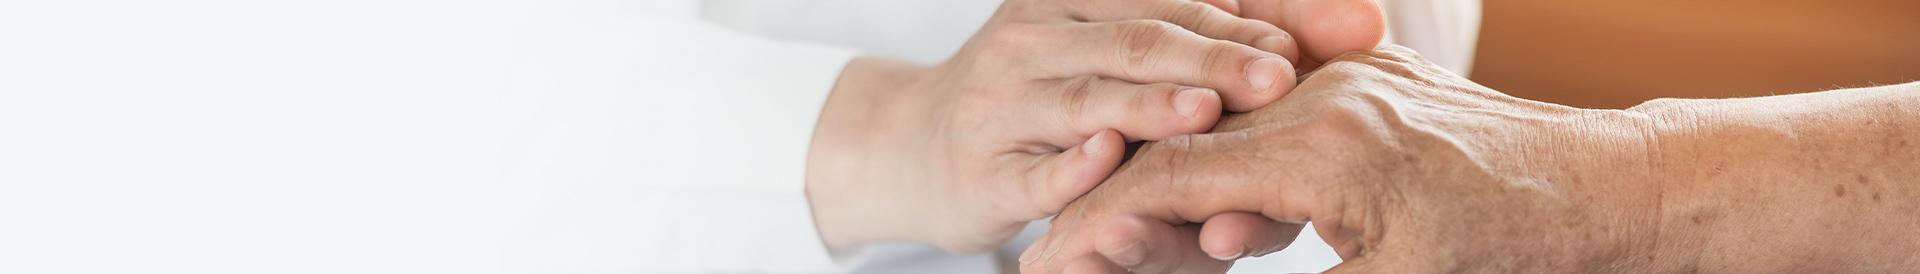 Abdominal & Pelvic Pain